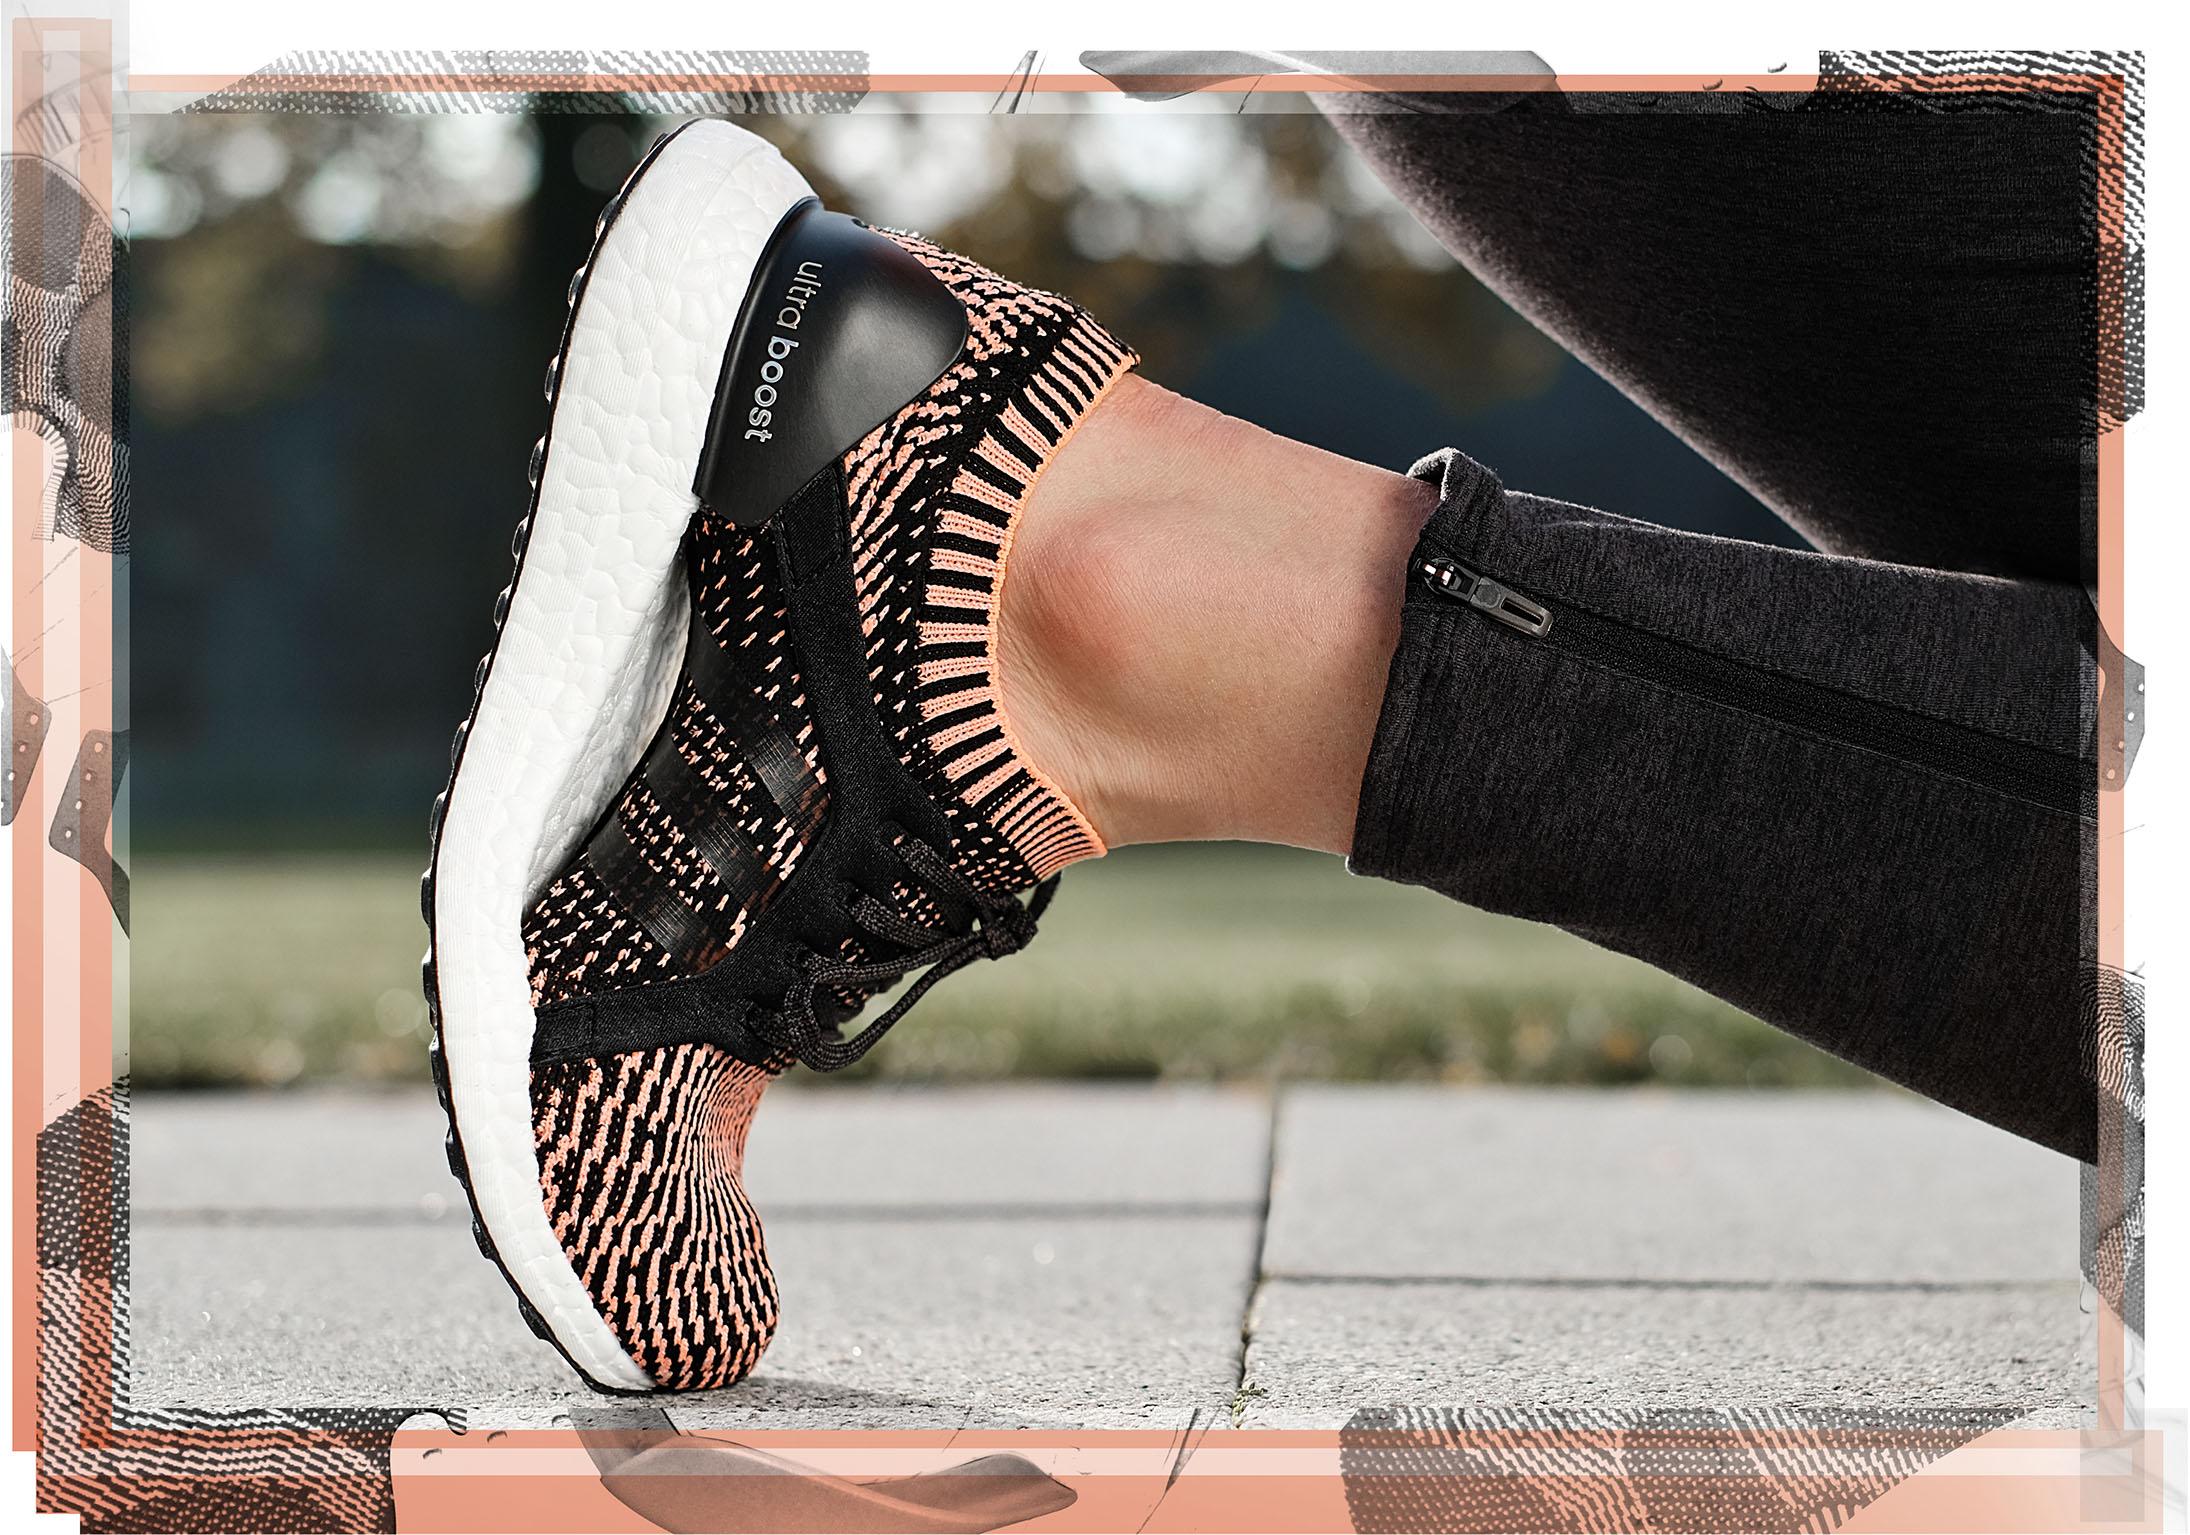 La dernière version de l'UltraBoost vient d'être dévoilée par adidas. Une chaussure de running pour « elle », spécialement adaptée à la forme du pied ...